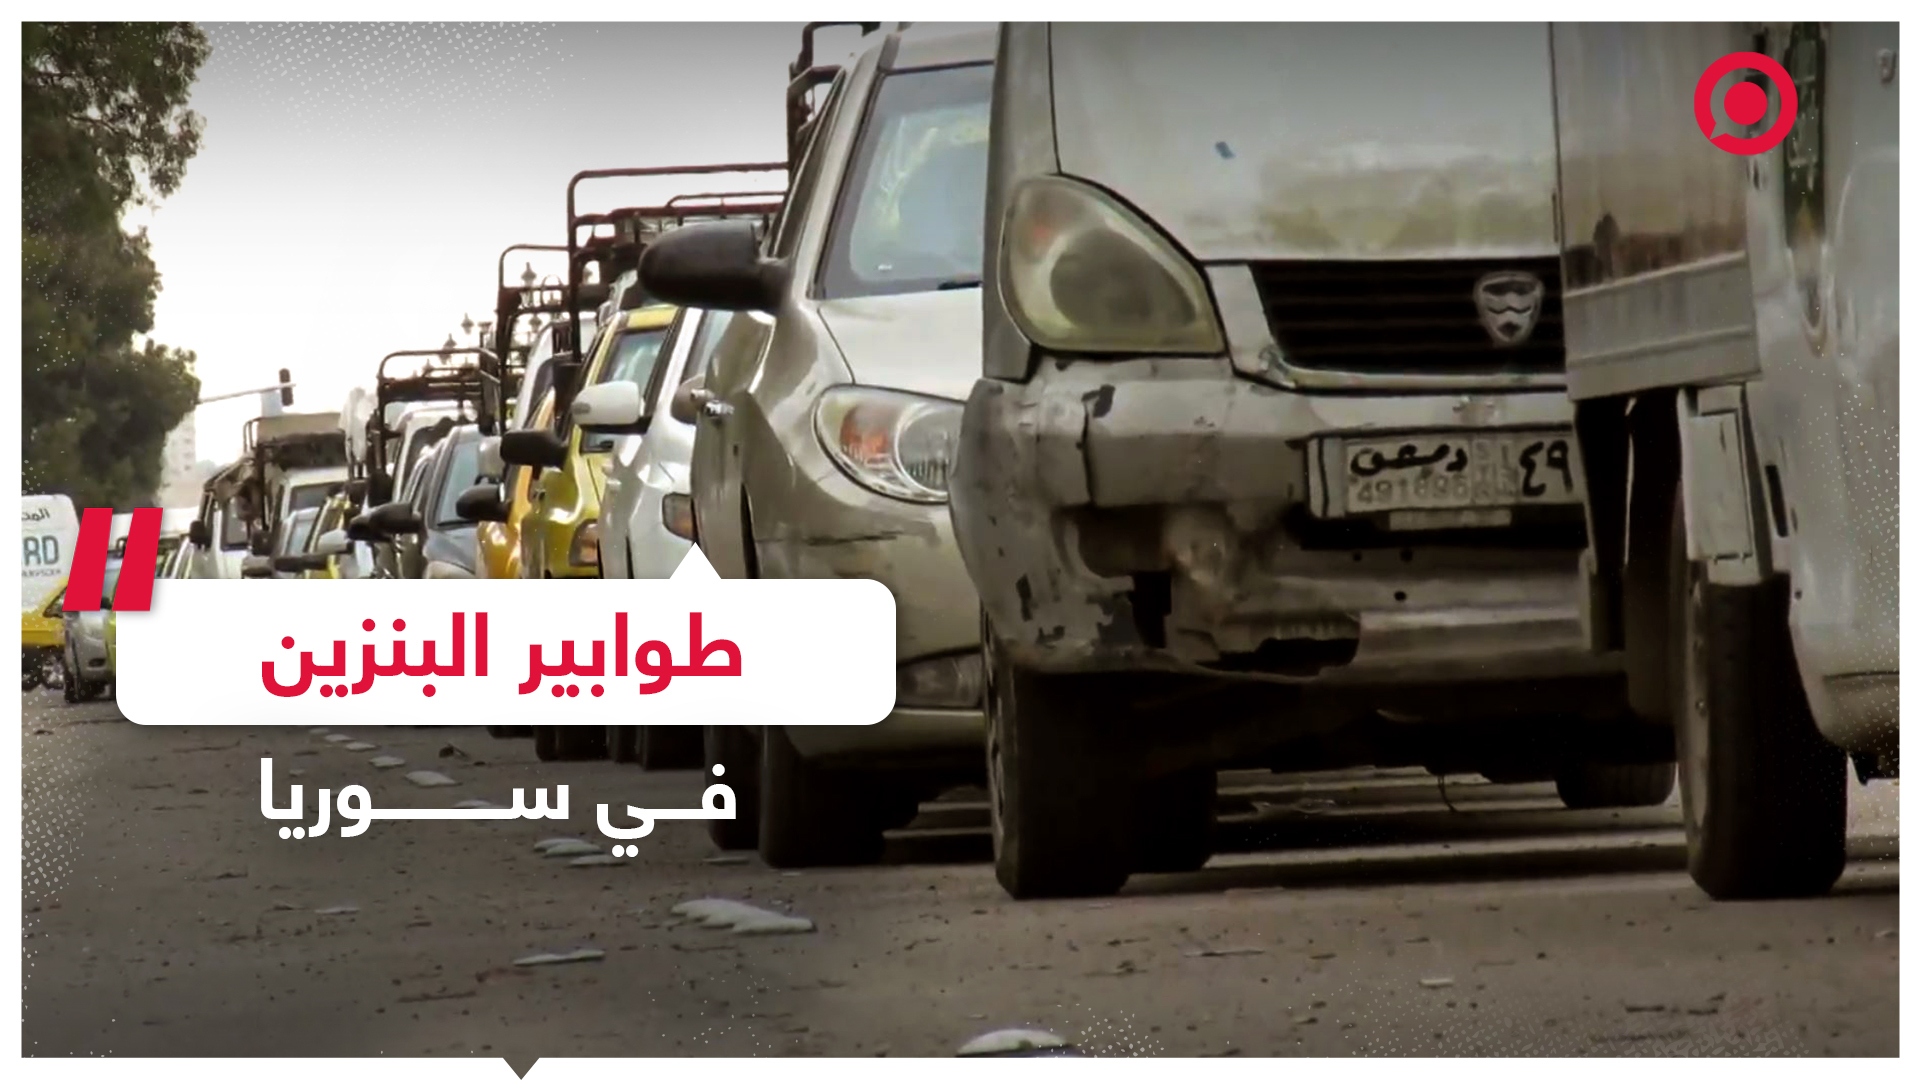 أزمة بنزين خانقة في سوريا وطوابير السيارات تنتظر الحل